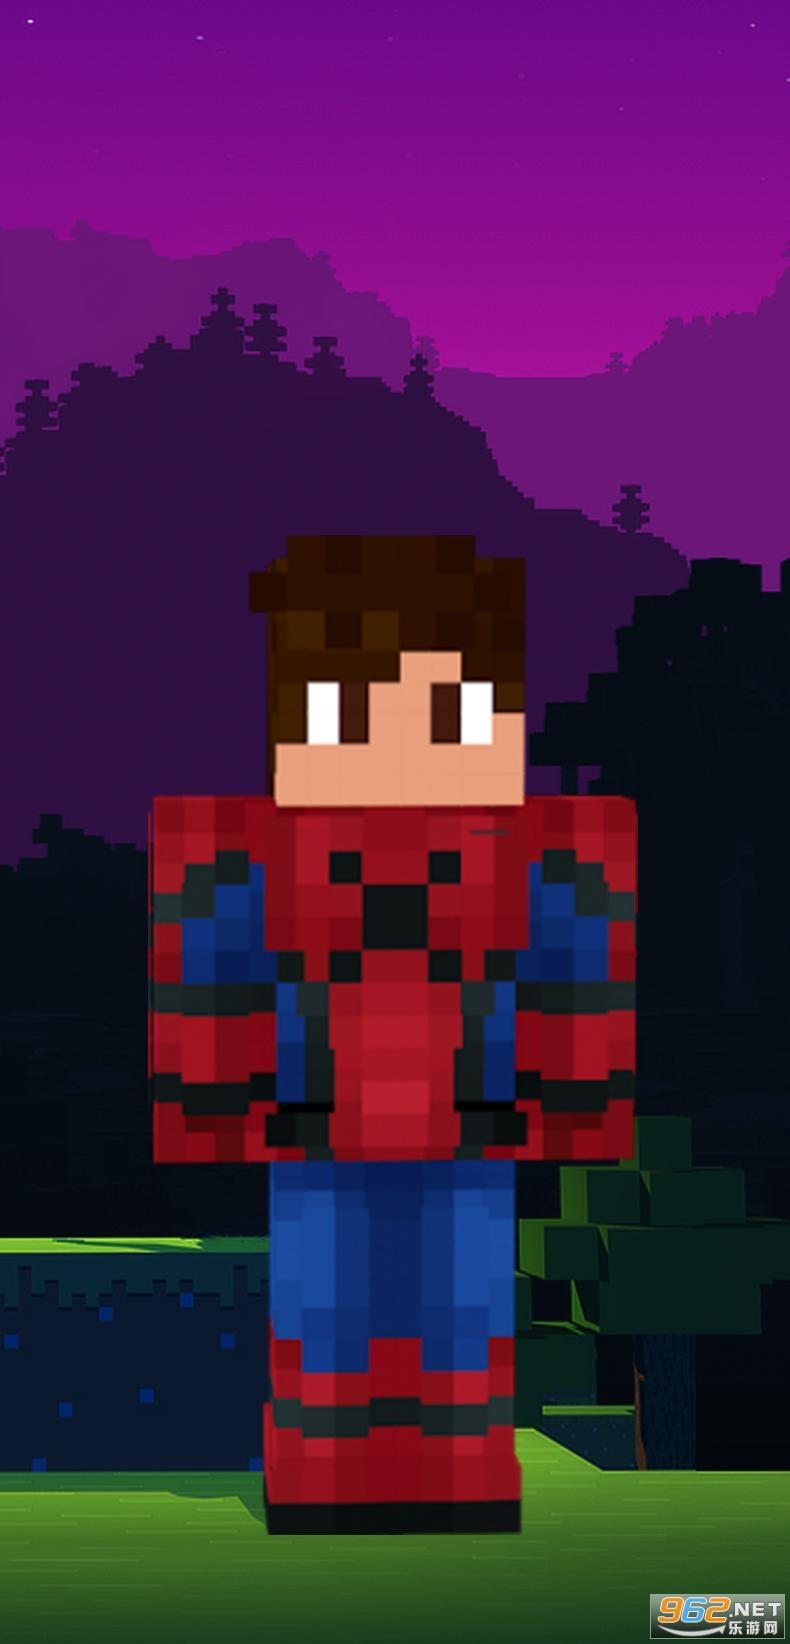 蜘蛛侠我的世界皮肤Spider Man Minecraft Skinsv1.0 安卓版截图2